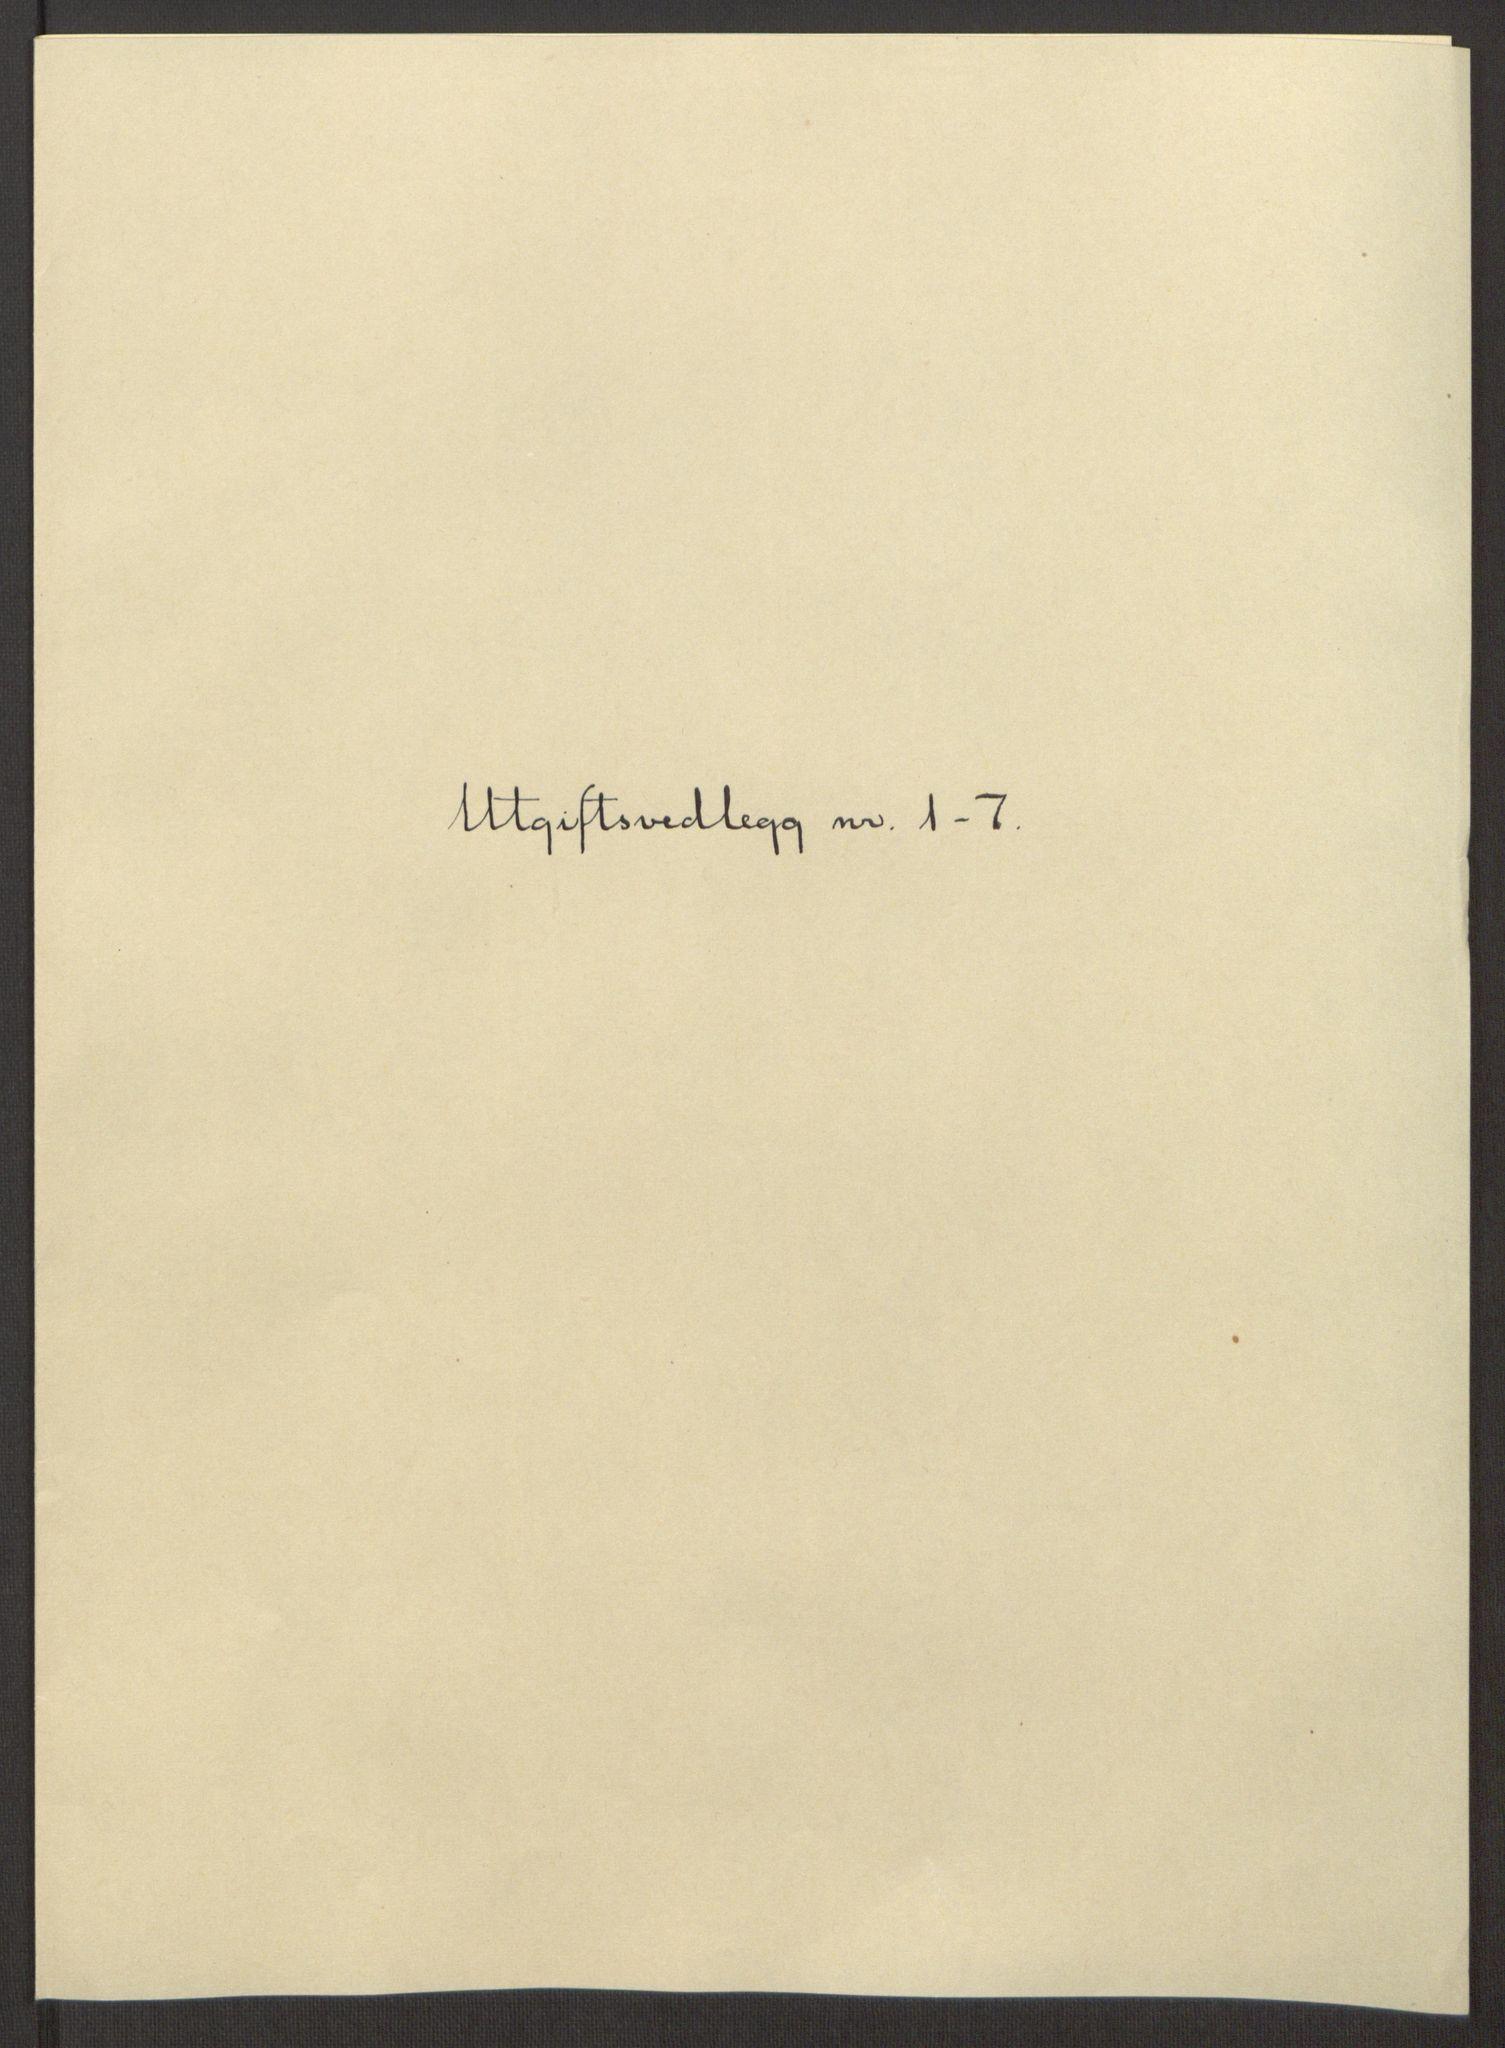 RA, Rentekammeret inntil 1814, Reviderte regnskaper, Fogderegnskap, R64/L4423: Fogderegnskap Namdal, 1690-1691, s. 109